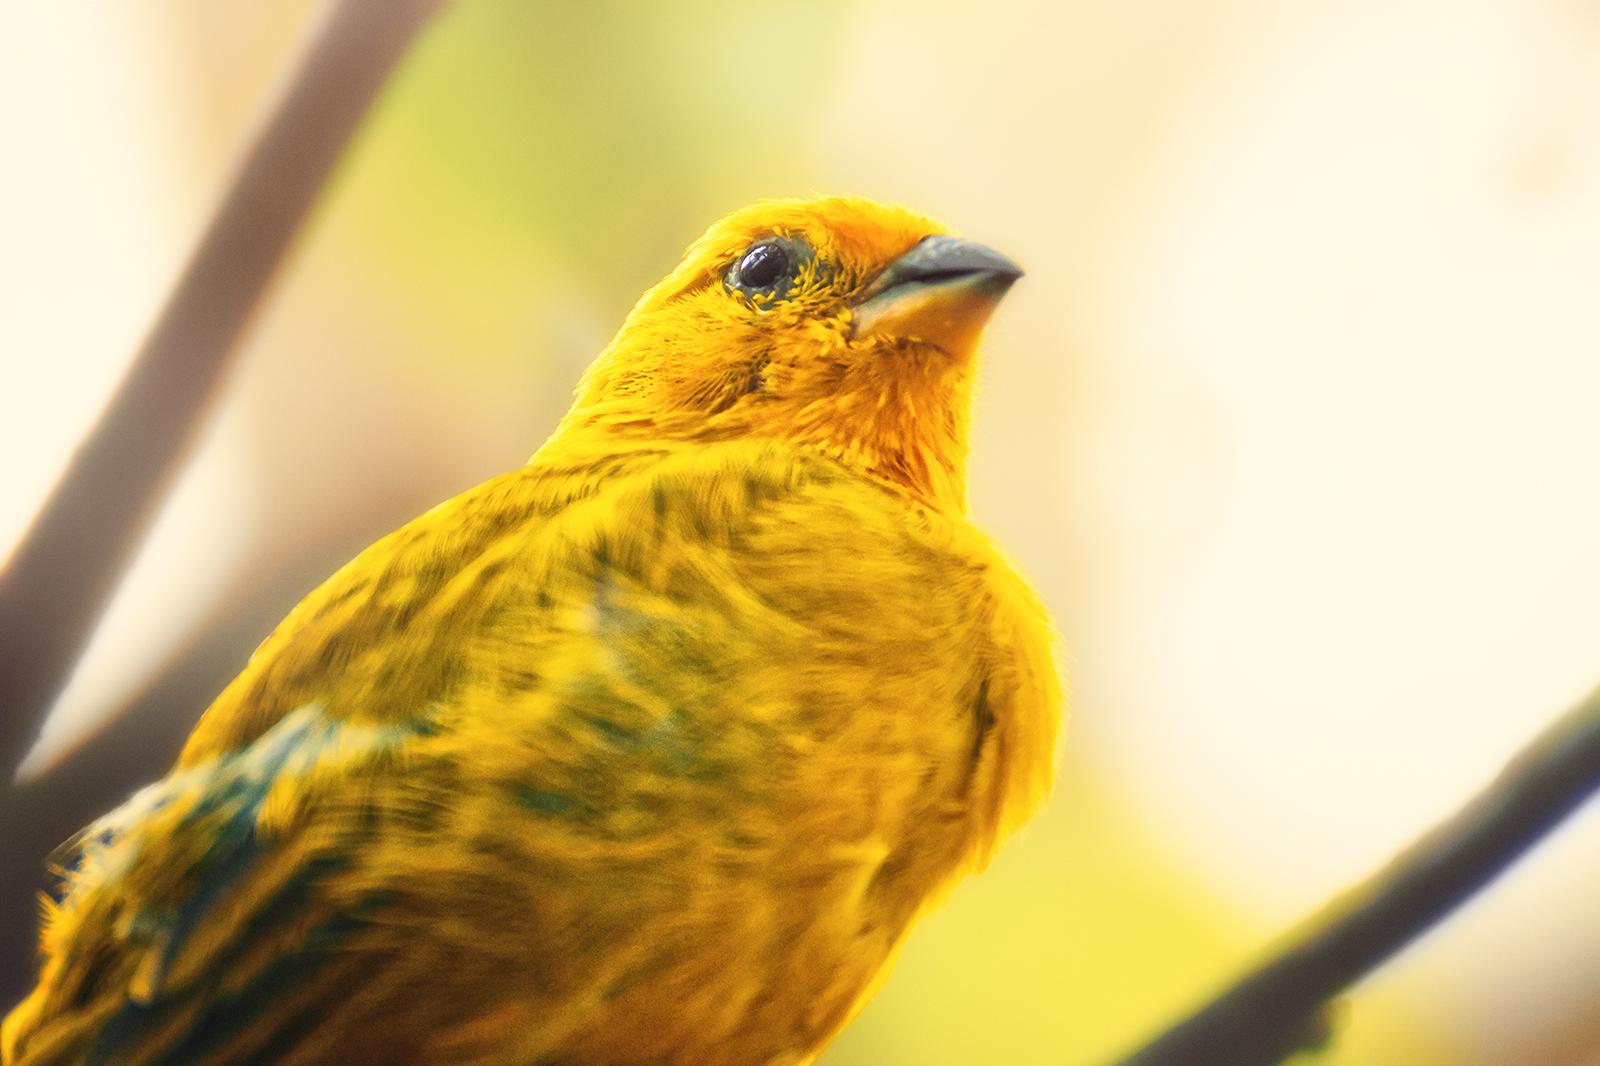 Portrait of a Saffron Finch